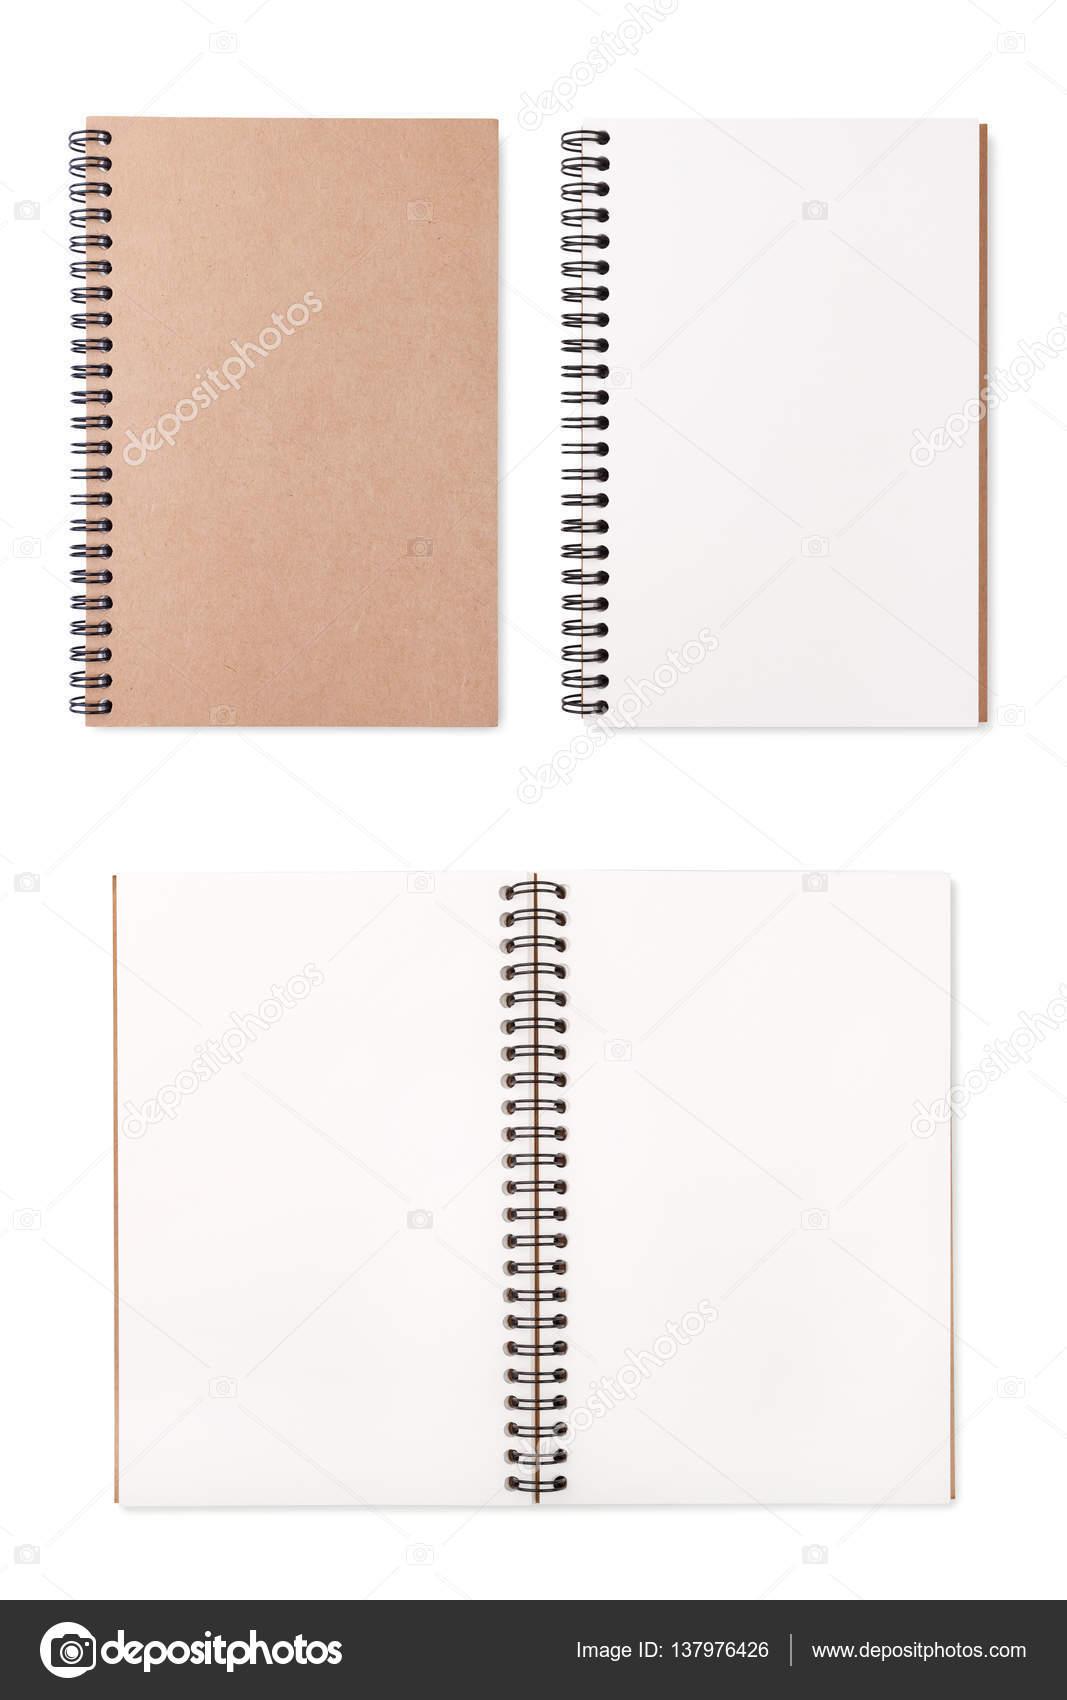 0a266d70408 Leer leer Notizblock auf weißem Hintergrund — Stockfoto © sripfoto ...